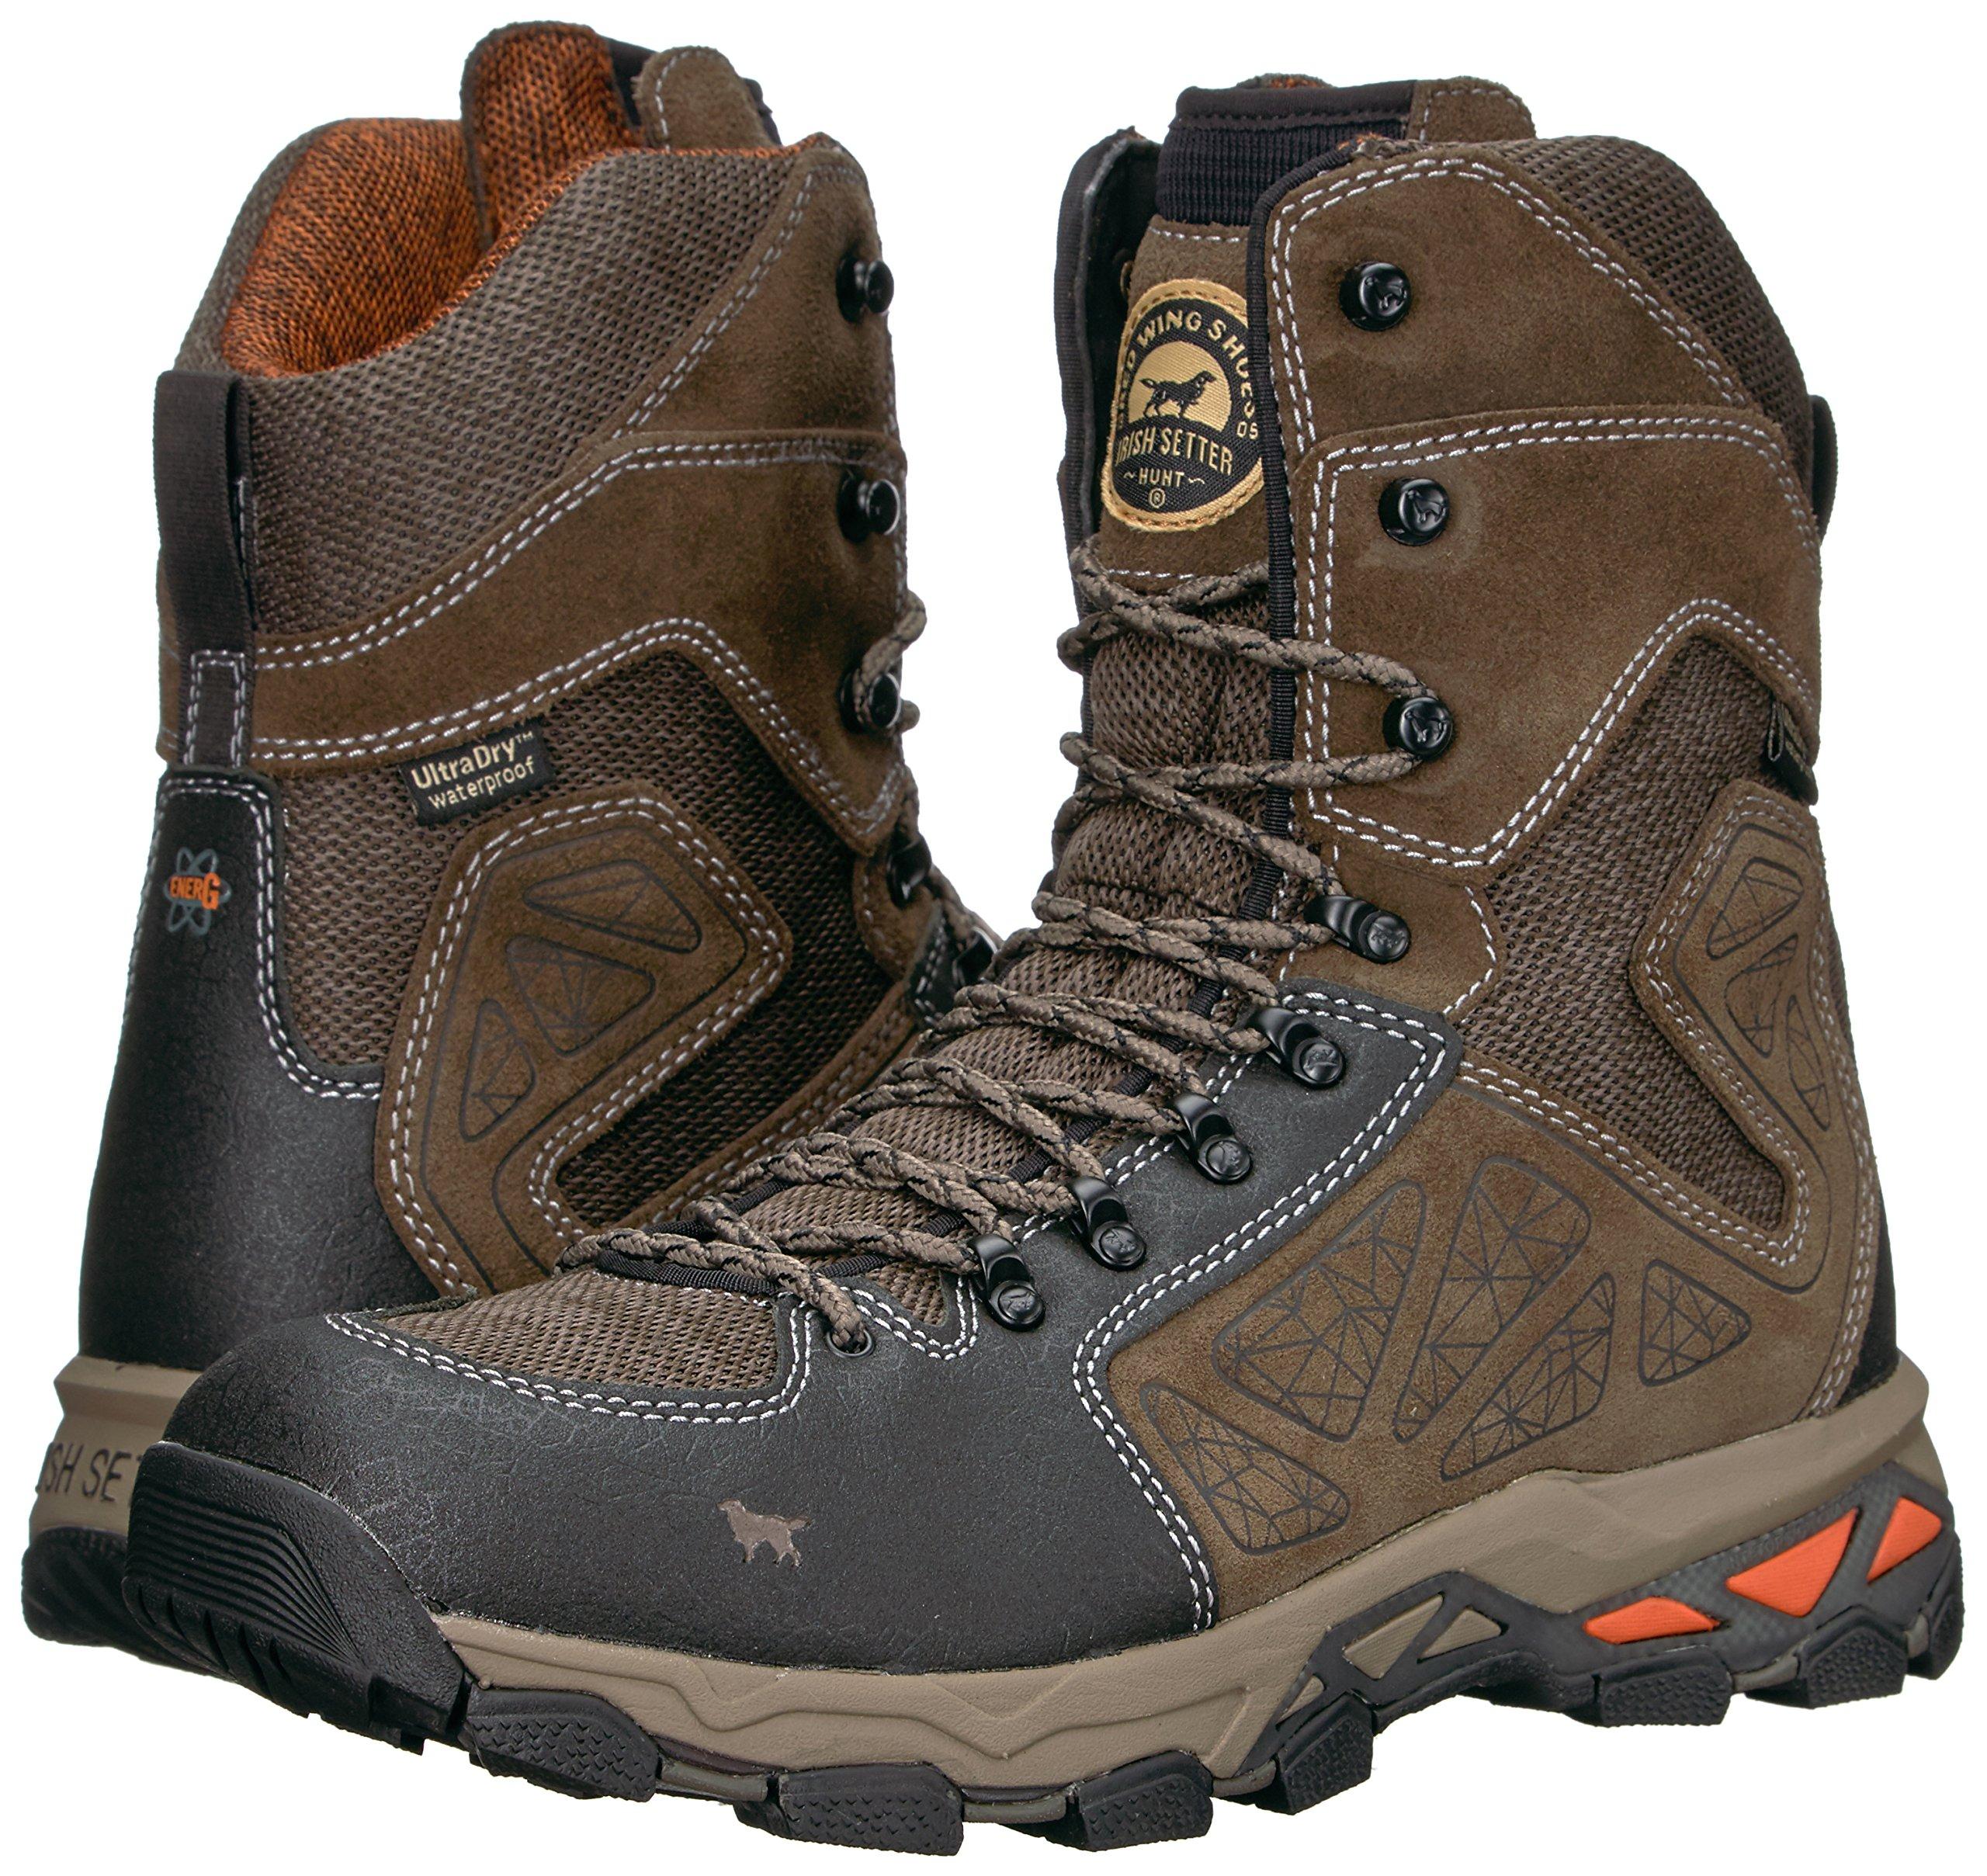 Irish Setter Men's Ravine-2885 Hunting Shoes, Gray